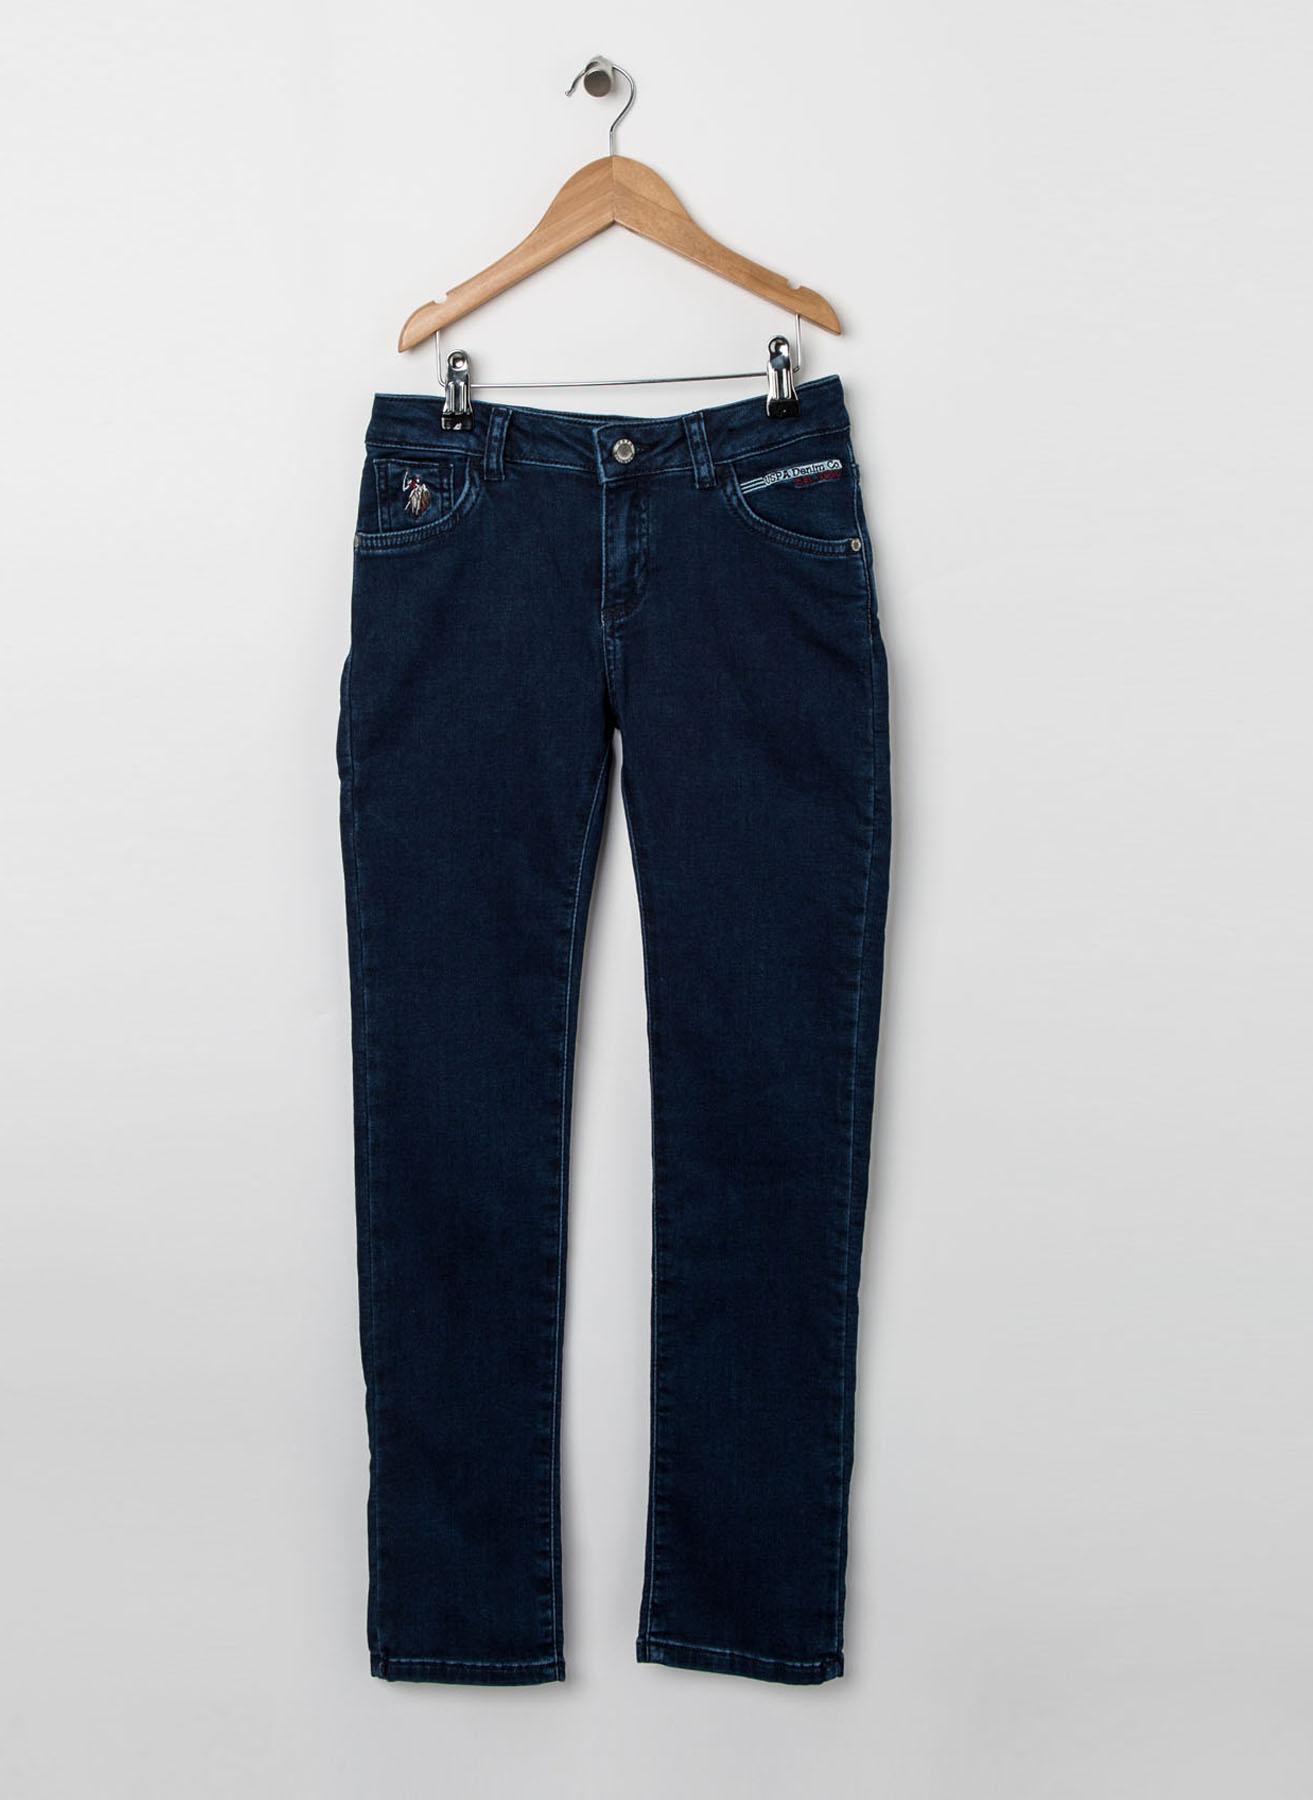 U.S. Polo Assn. Kız Çocuk Lacivert Pantolon 9 Yaş 5001704527010 Ürün Resmi